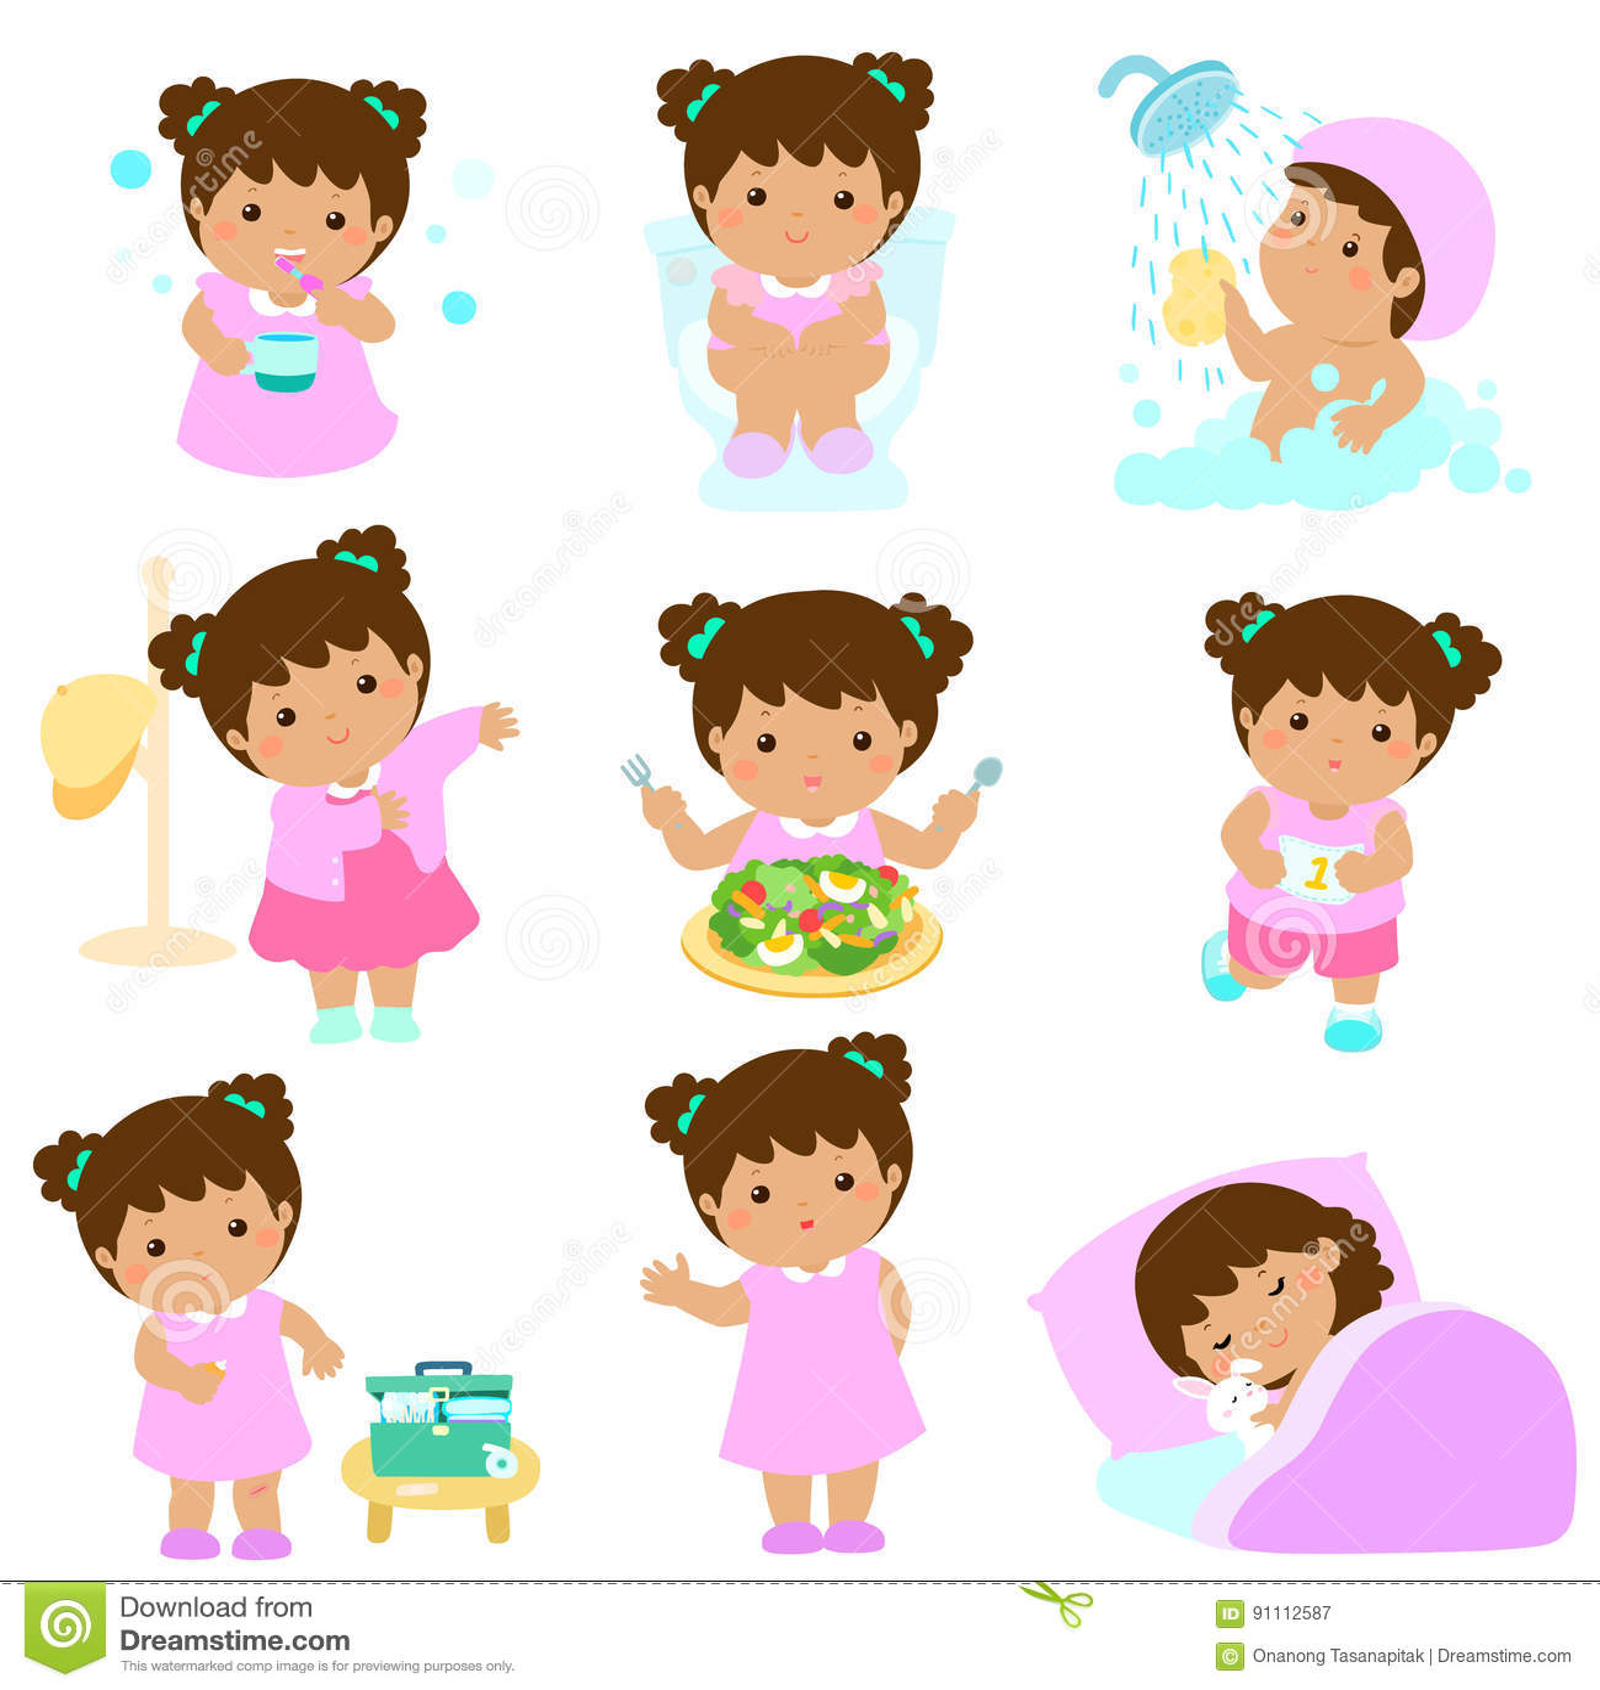 Hygiene Saine Pour La Bande Dessinee De Fille Illustration